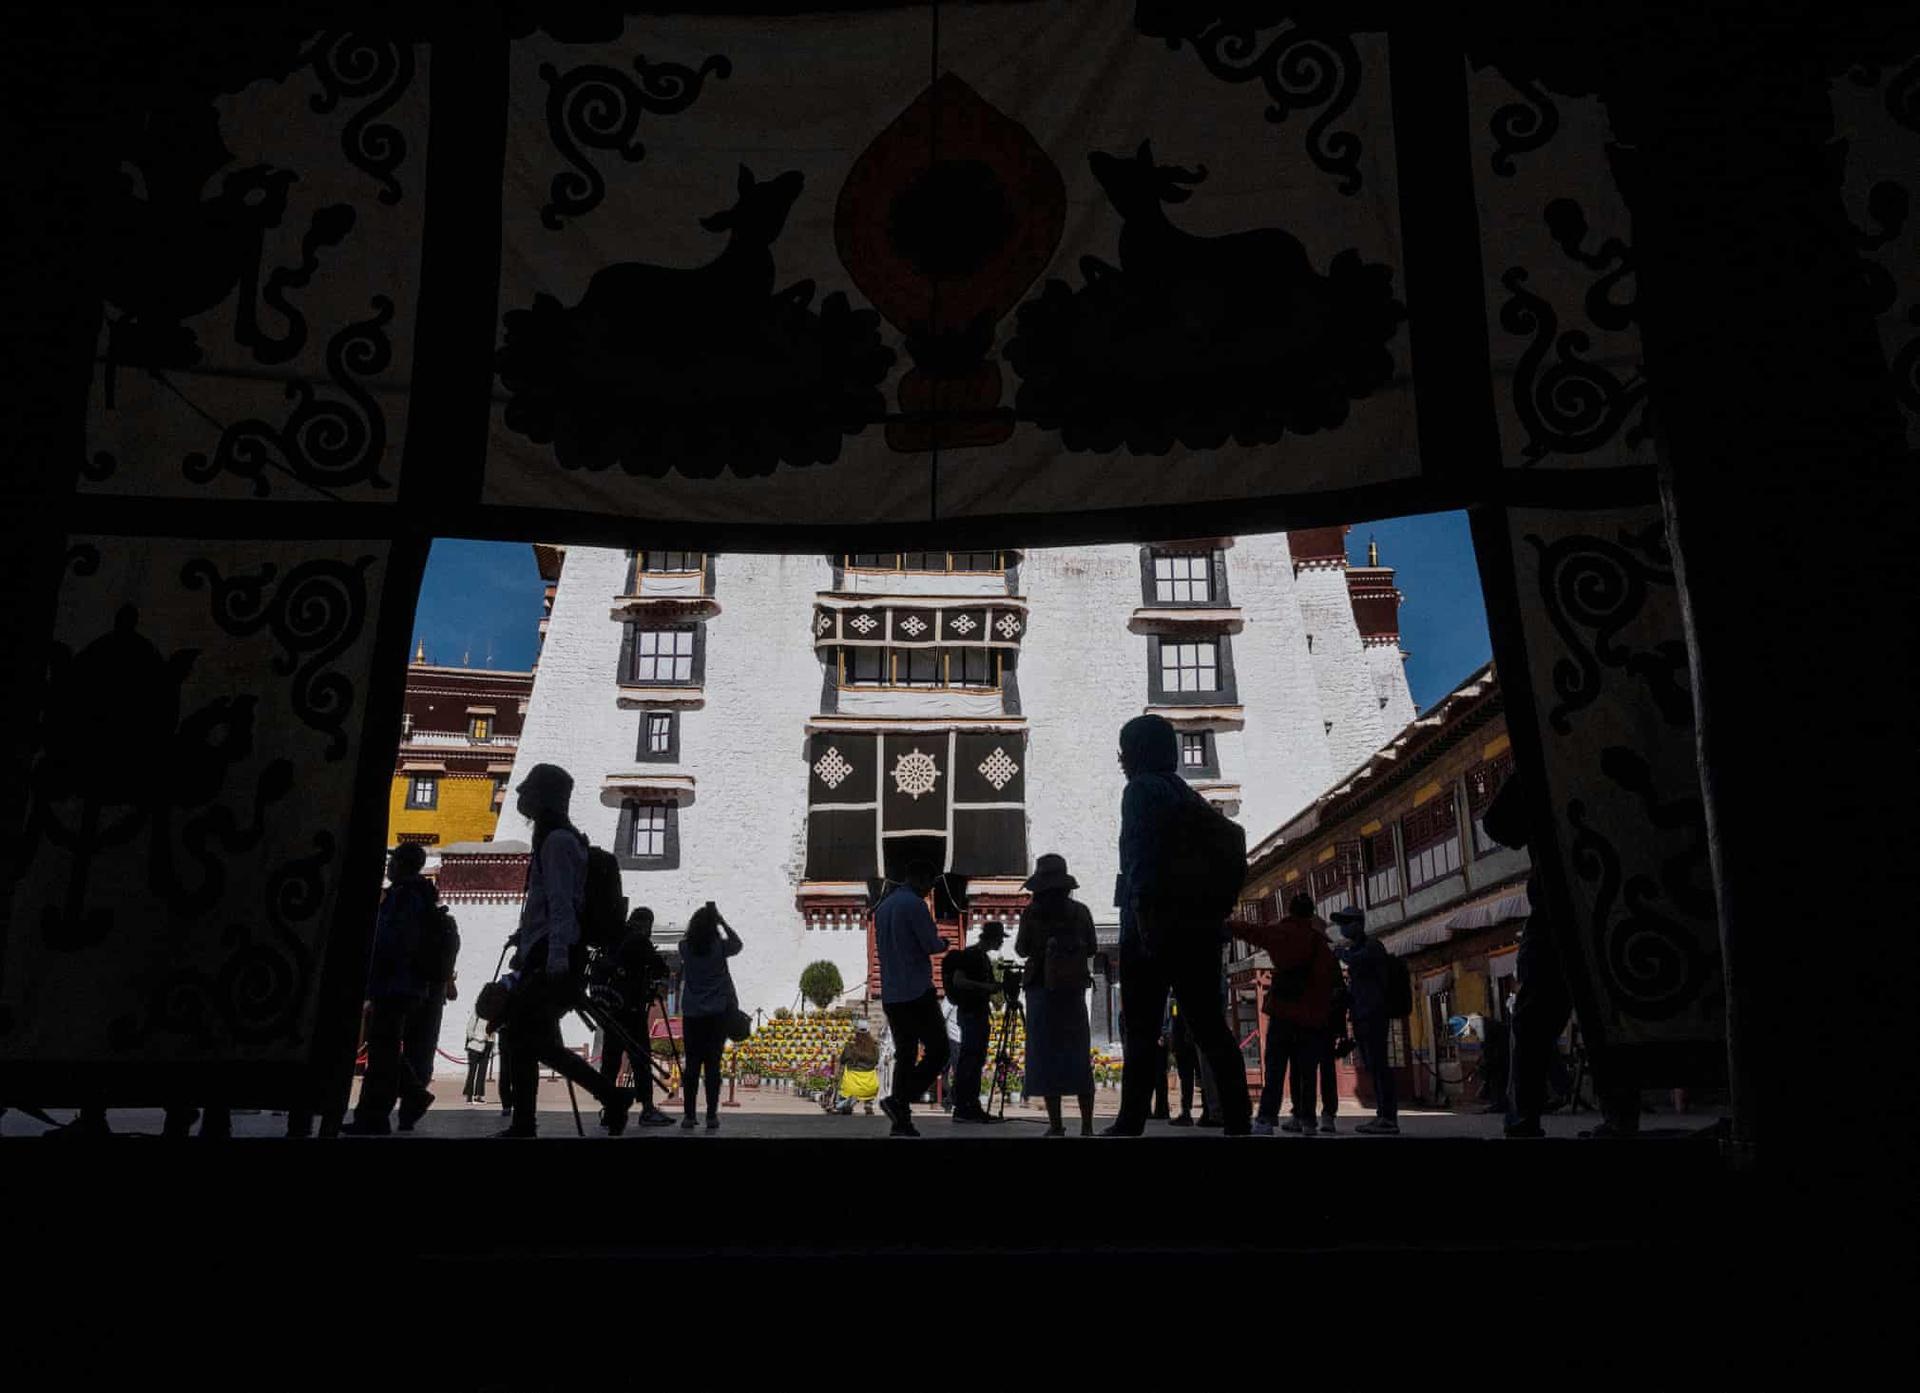 Du khách viếng thăm điện Potala - Di sản Thế giới được UNESCO công nhận. Gần đây, Trung Quốc đã nới lỏng lệnh cấm du khách nước ngoài tới Tây Tạng vì dịch Covid-19. Đây được xem là cách đất nước này thúc đẩy du lịch Tây Tạng. Các nhà báo nước ngoài vốn không được phép tới khu tự trị. Tuy nhiên, chính quyền đã tổ chức một chuyến tham quan riêng cho nhóm này do chính họ tổ chức.